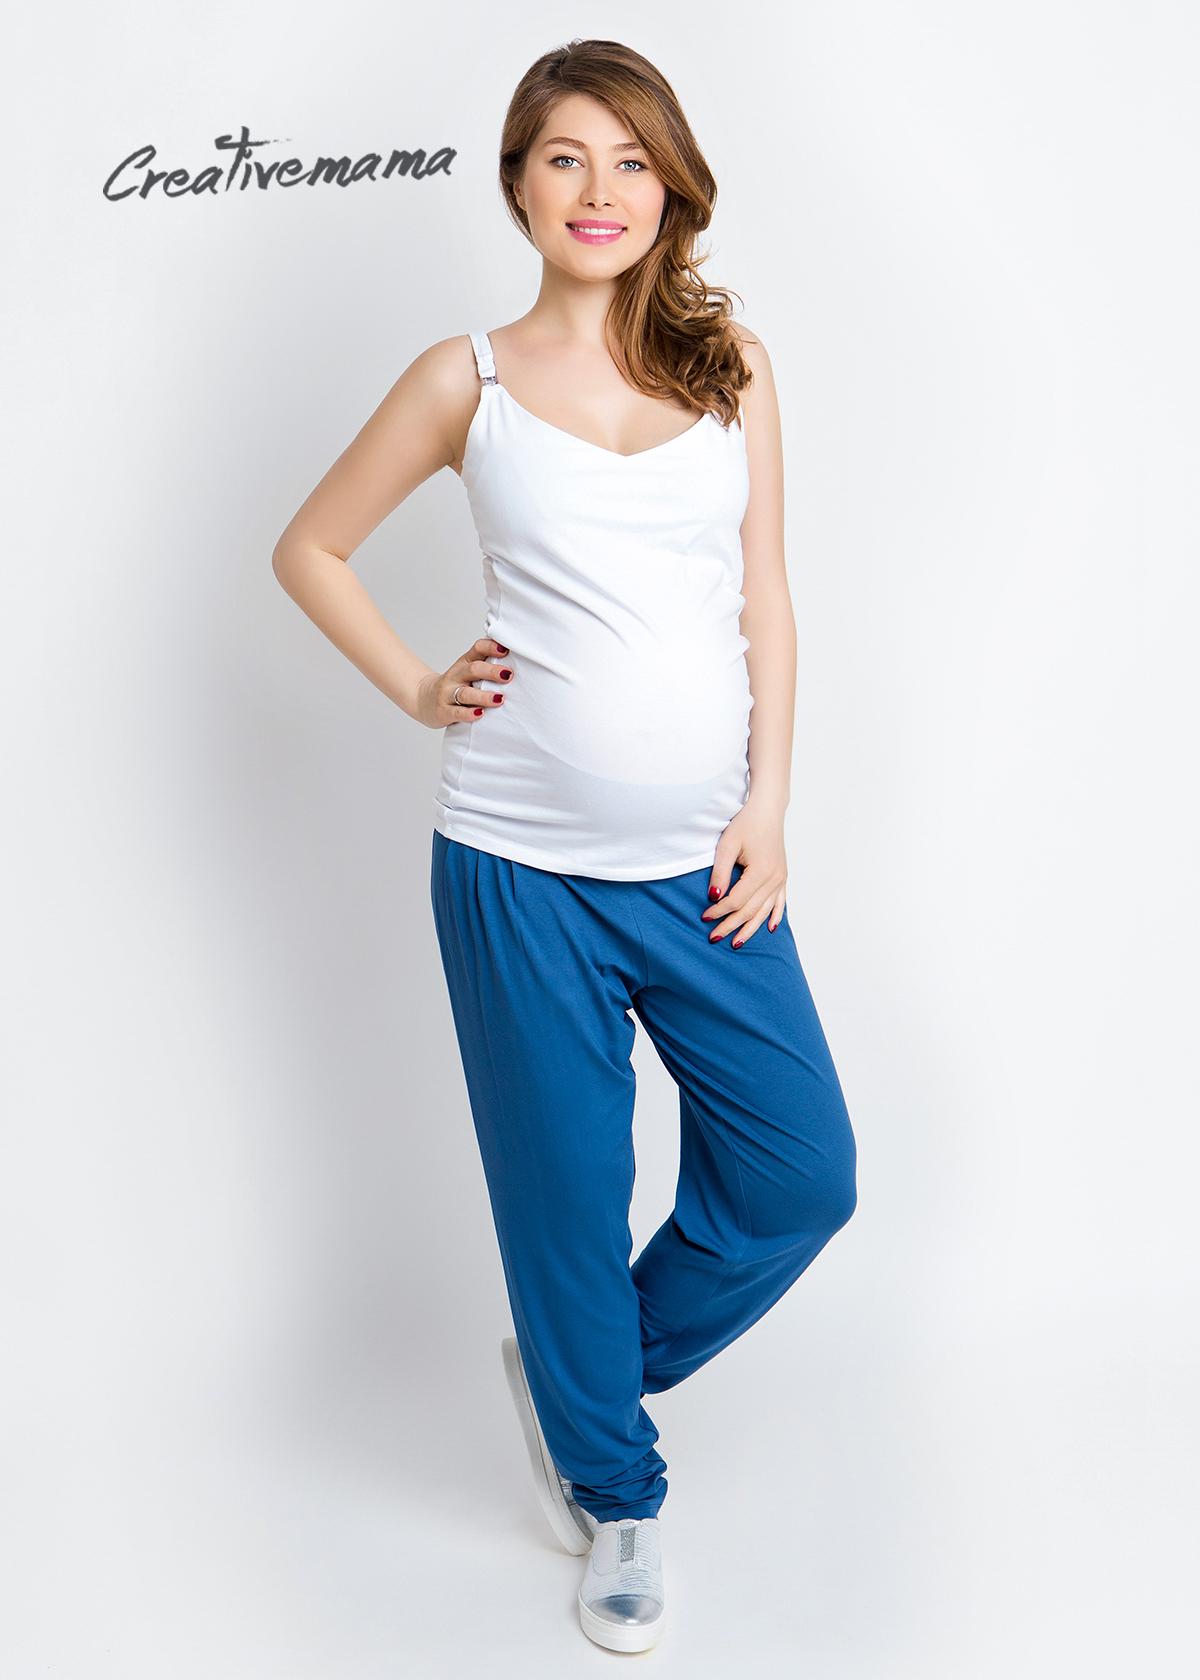 Женская домашняя одежда интернет магазин с доставкой